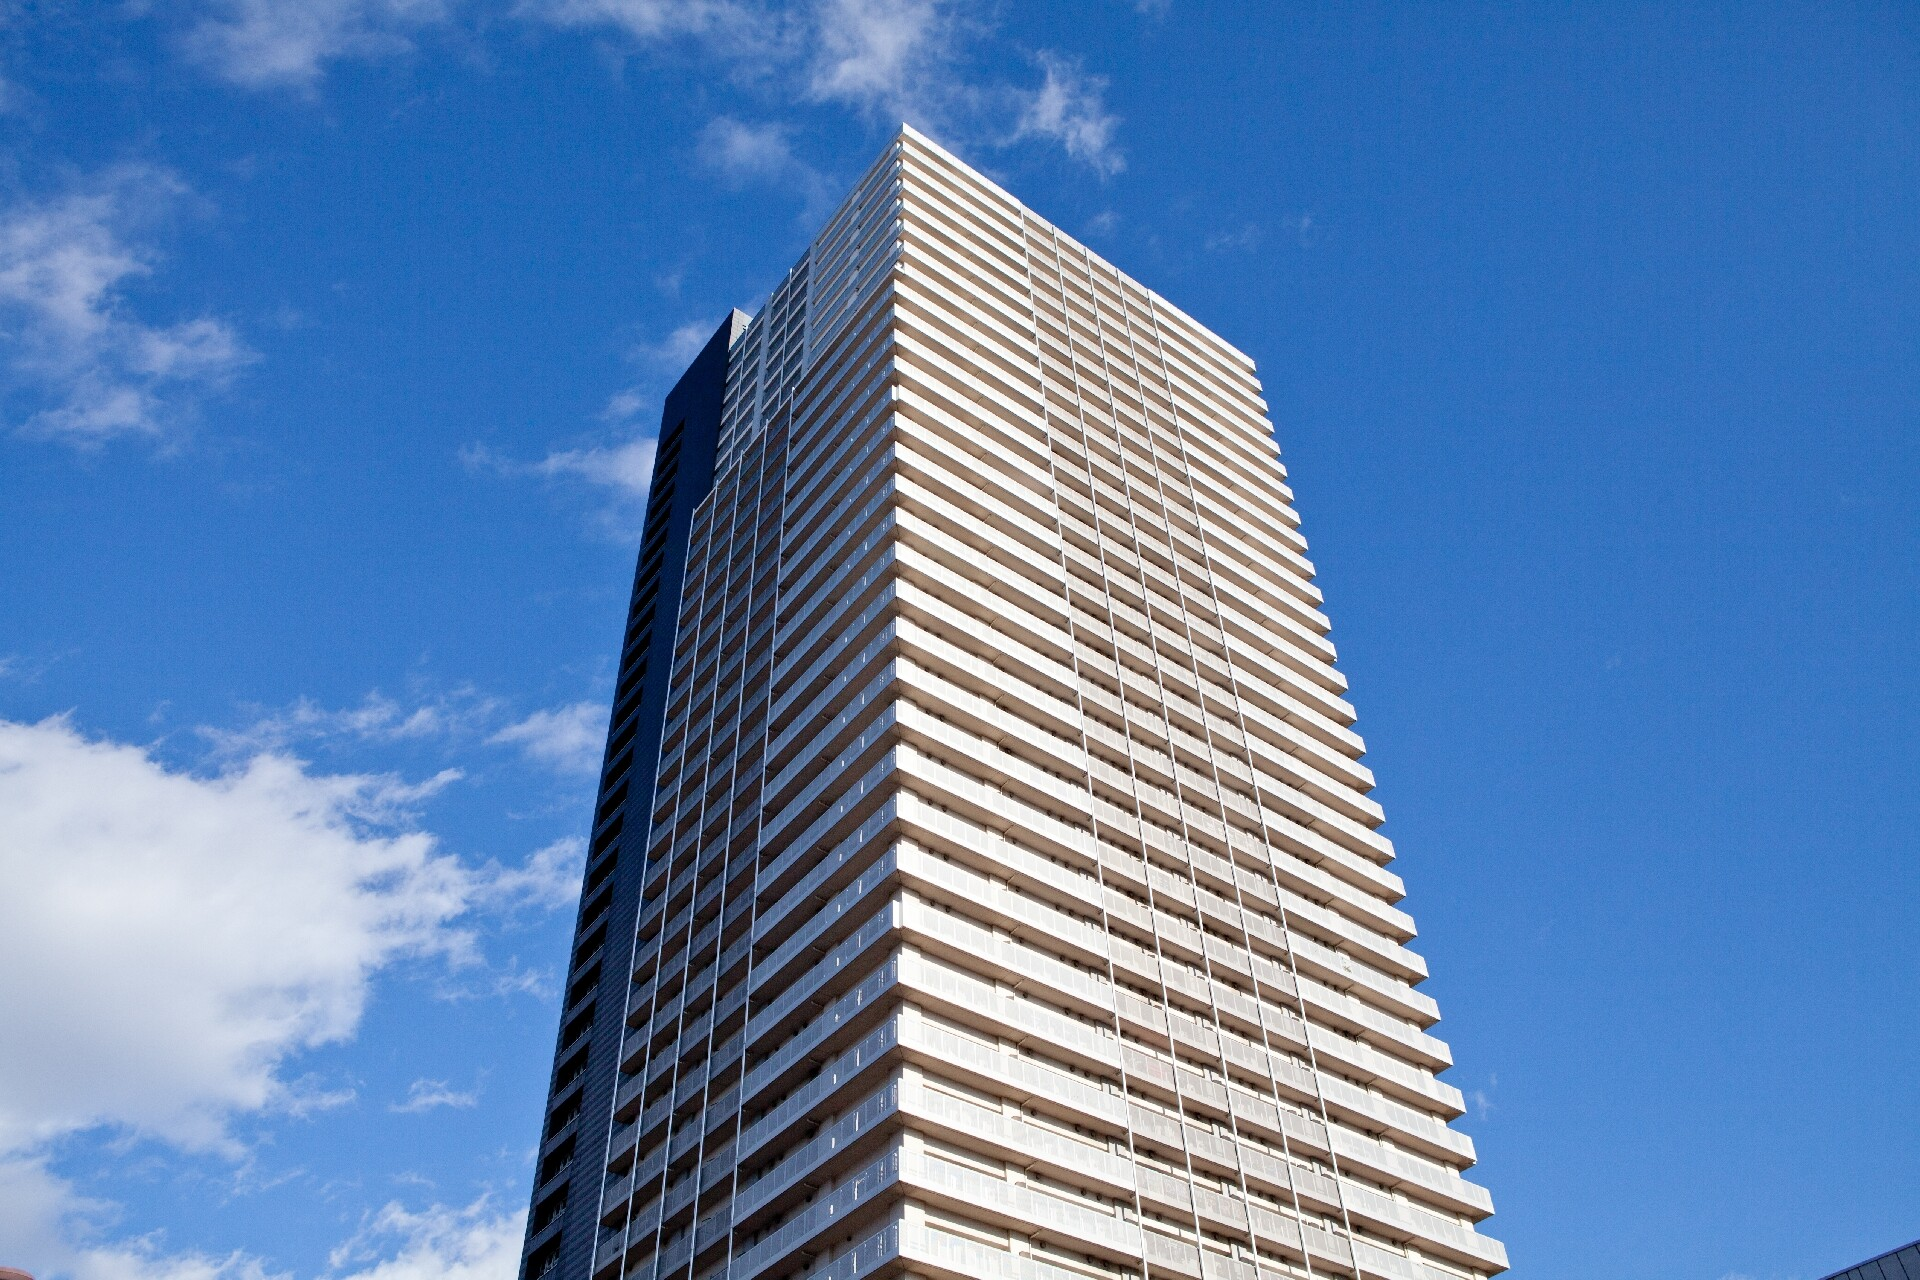 板橋区のポスティング不可である高級マンション・高層タワーマンションにもチラシ広告をお届けします